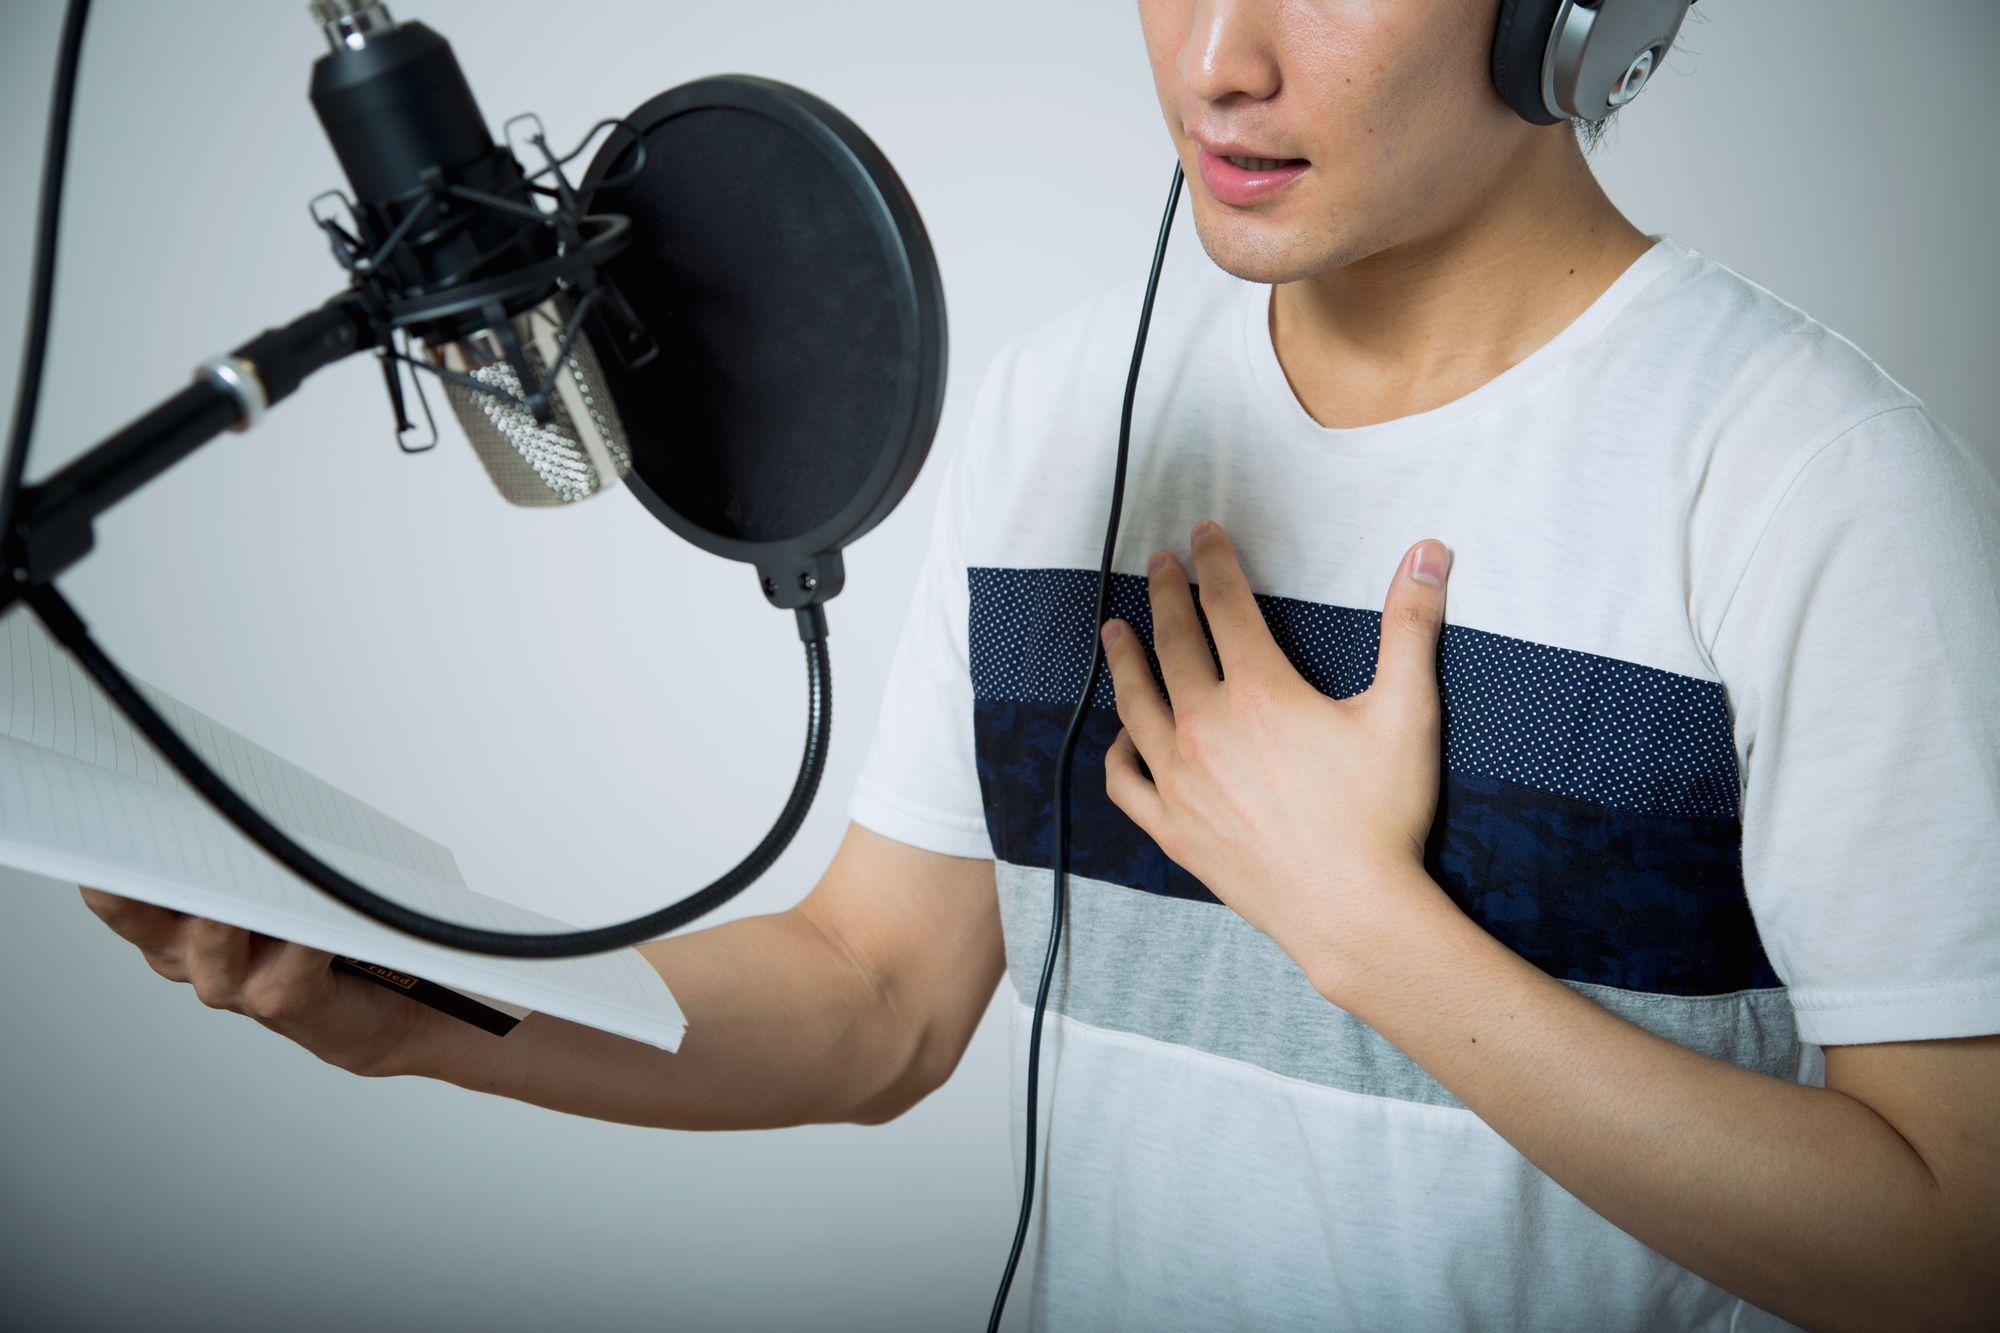 声優のオーディションで緊張しないための対策をご紹介!